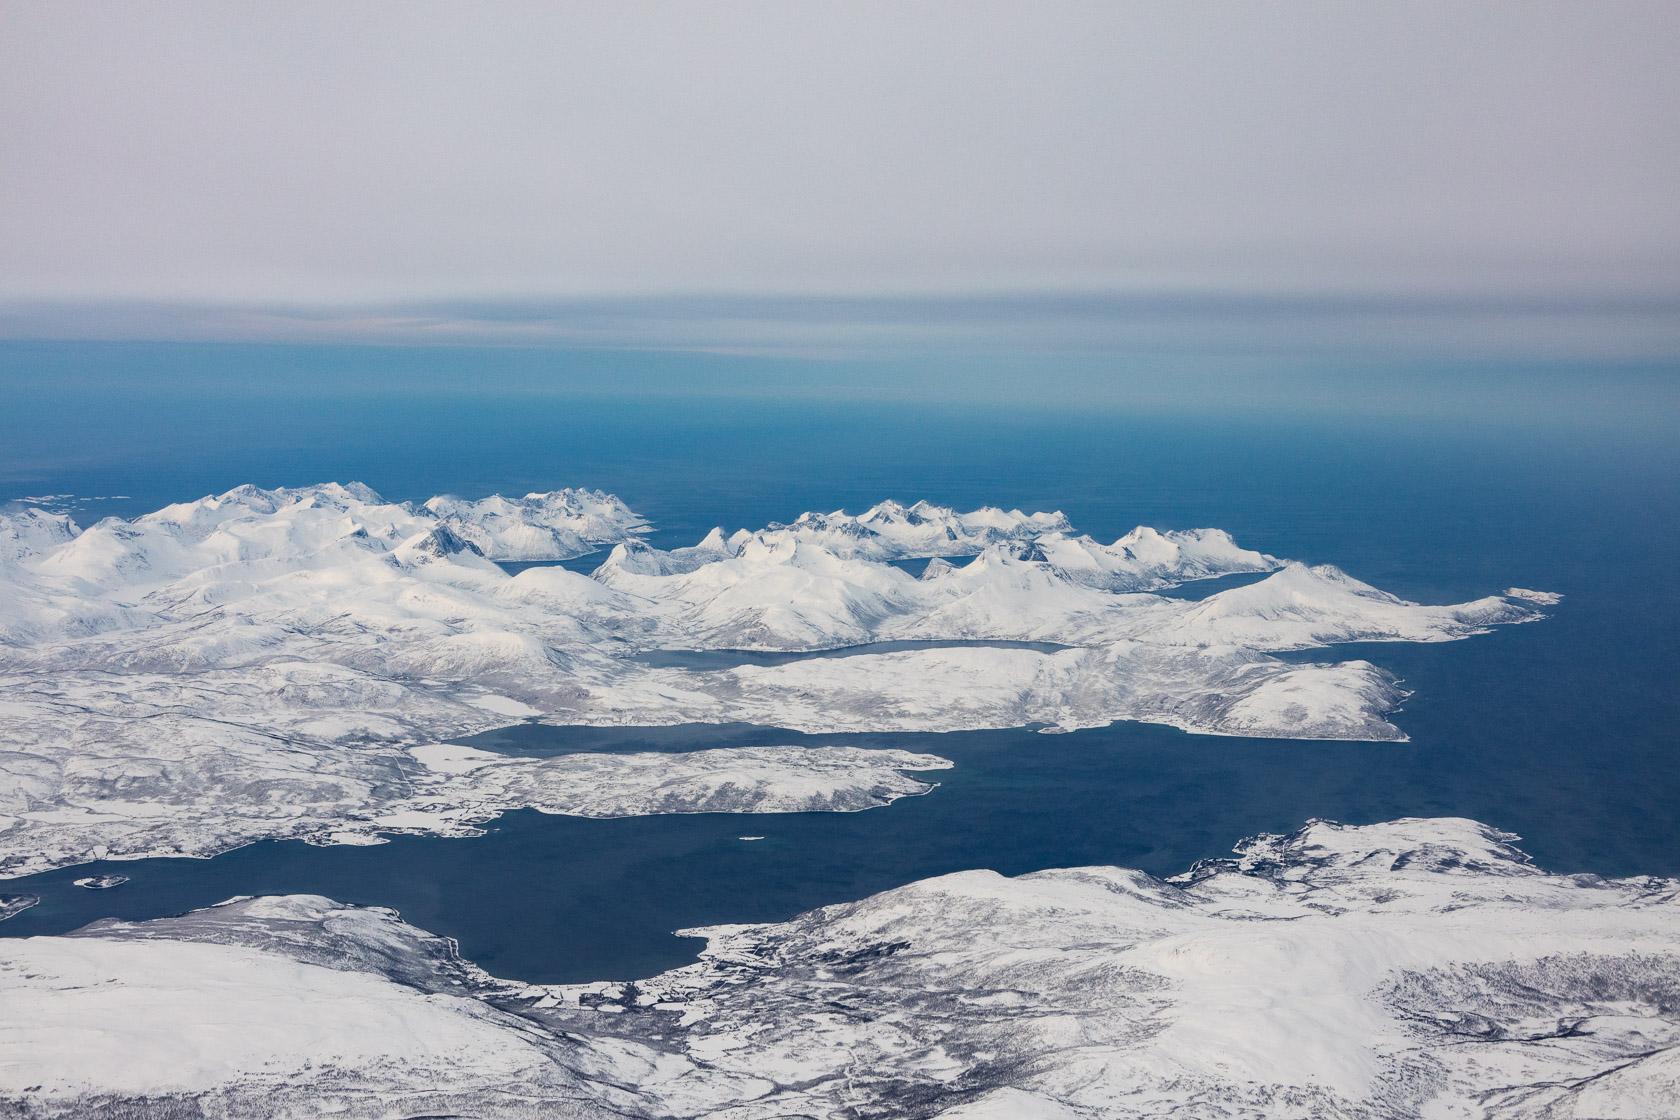 vue aérienne sur le nord de l'île de Senja,dans le comté de Troms, en Norvège